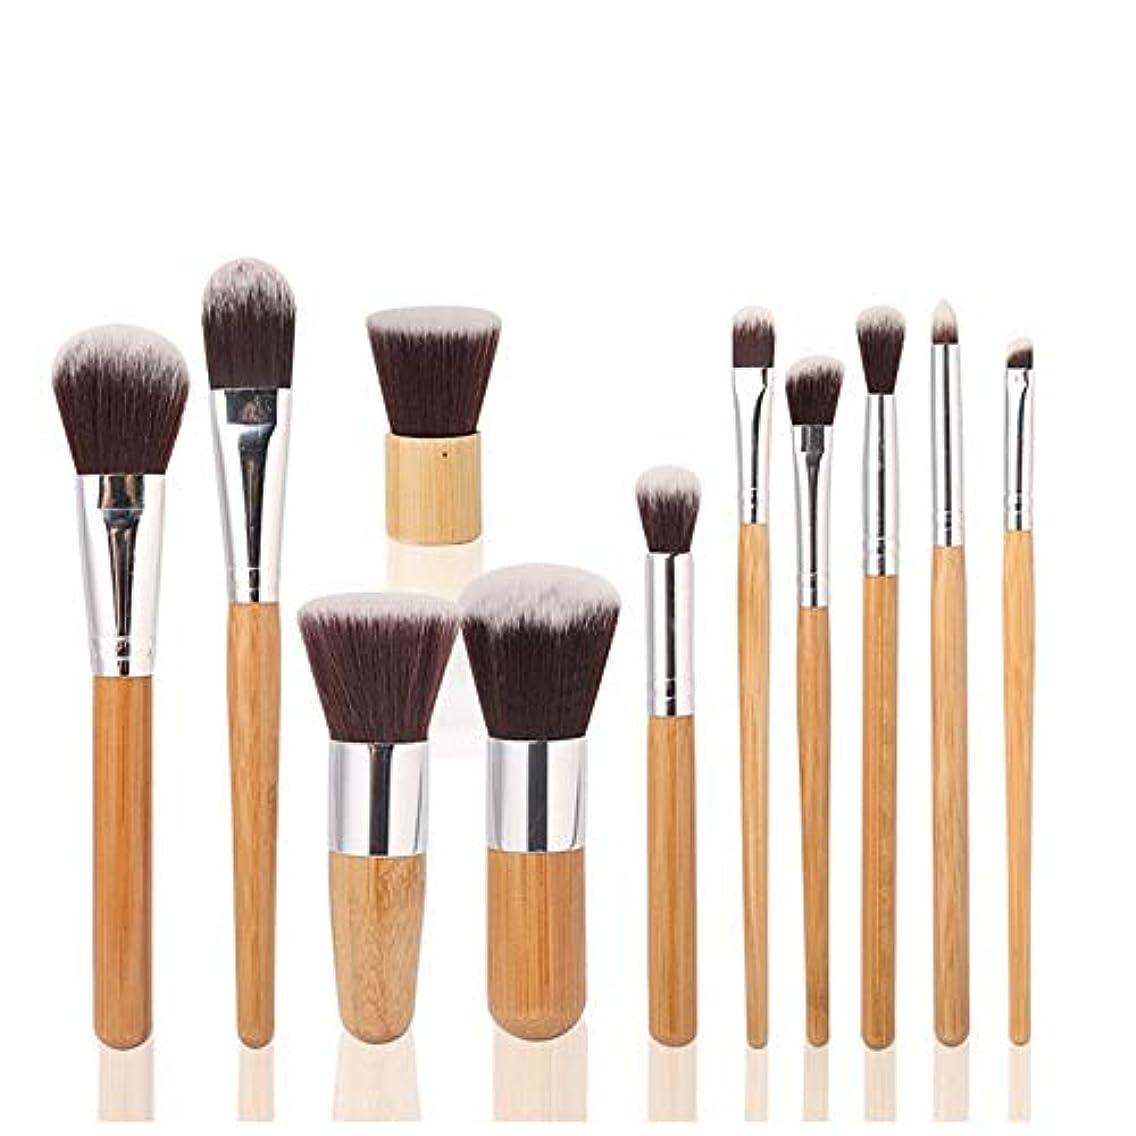 パレードために追い付くMakeup brushes 11竹ハンドル化粧ブラシツールポータブルセットコンシーラー美容化粧放電組み合わせリネンバッグを送信 suits (Color : Clear)